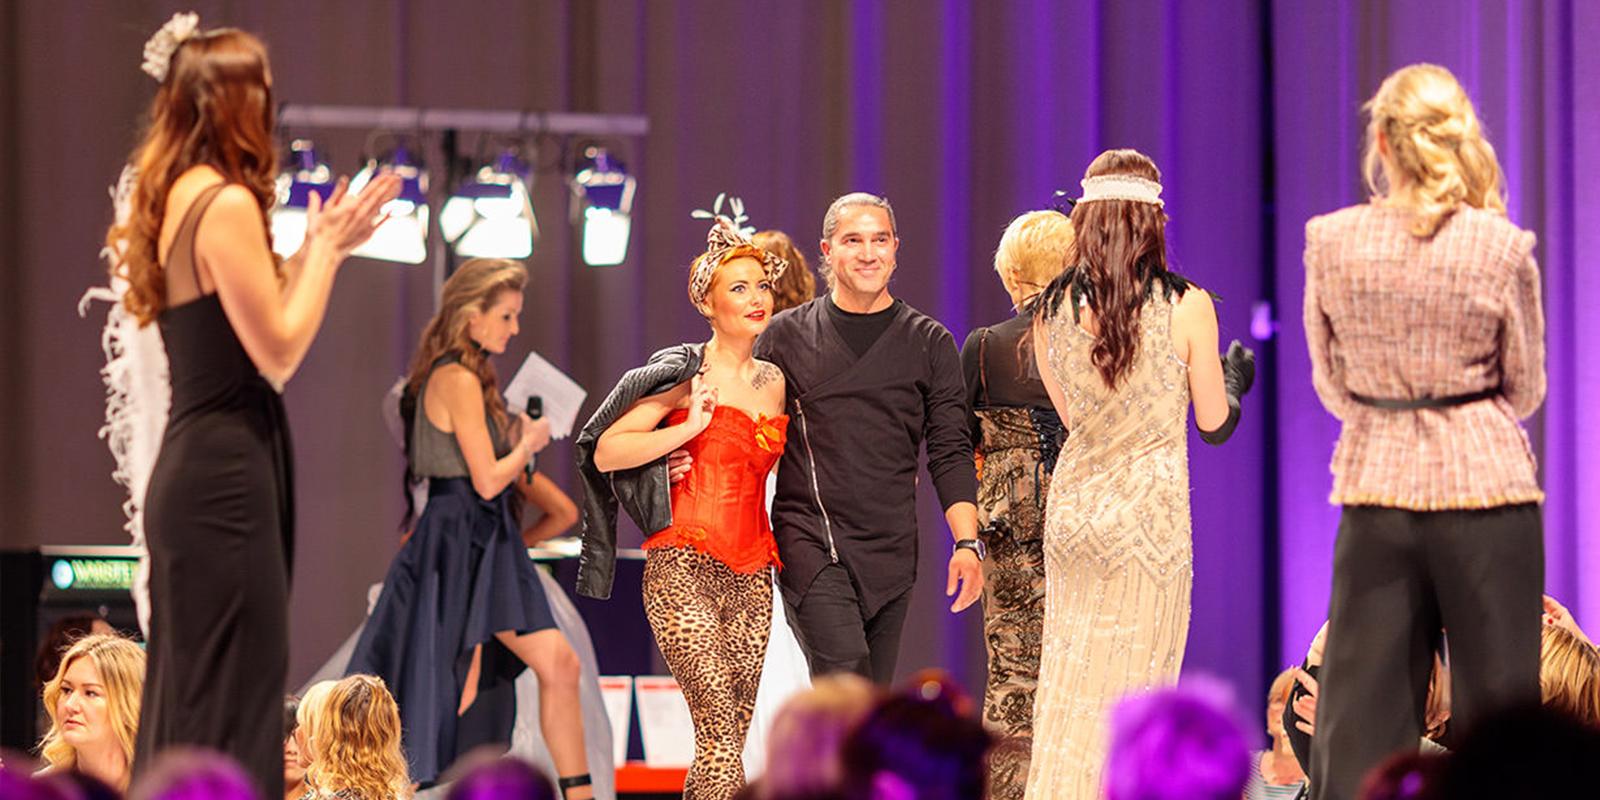 ladies-fashion-night-17-8x16-8